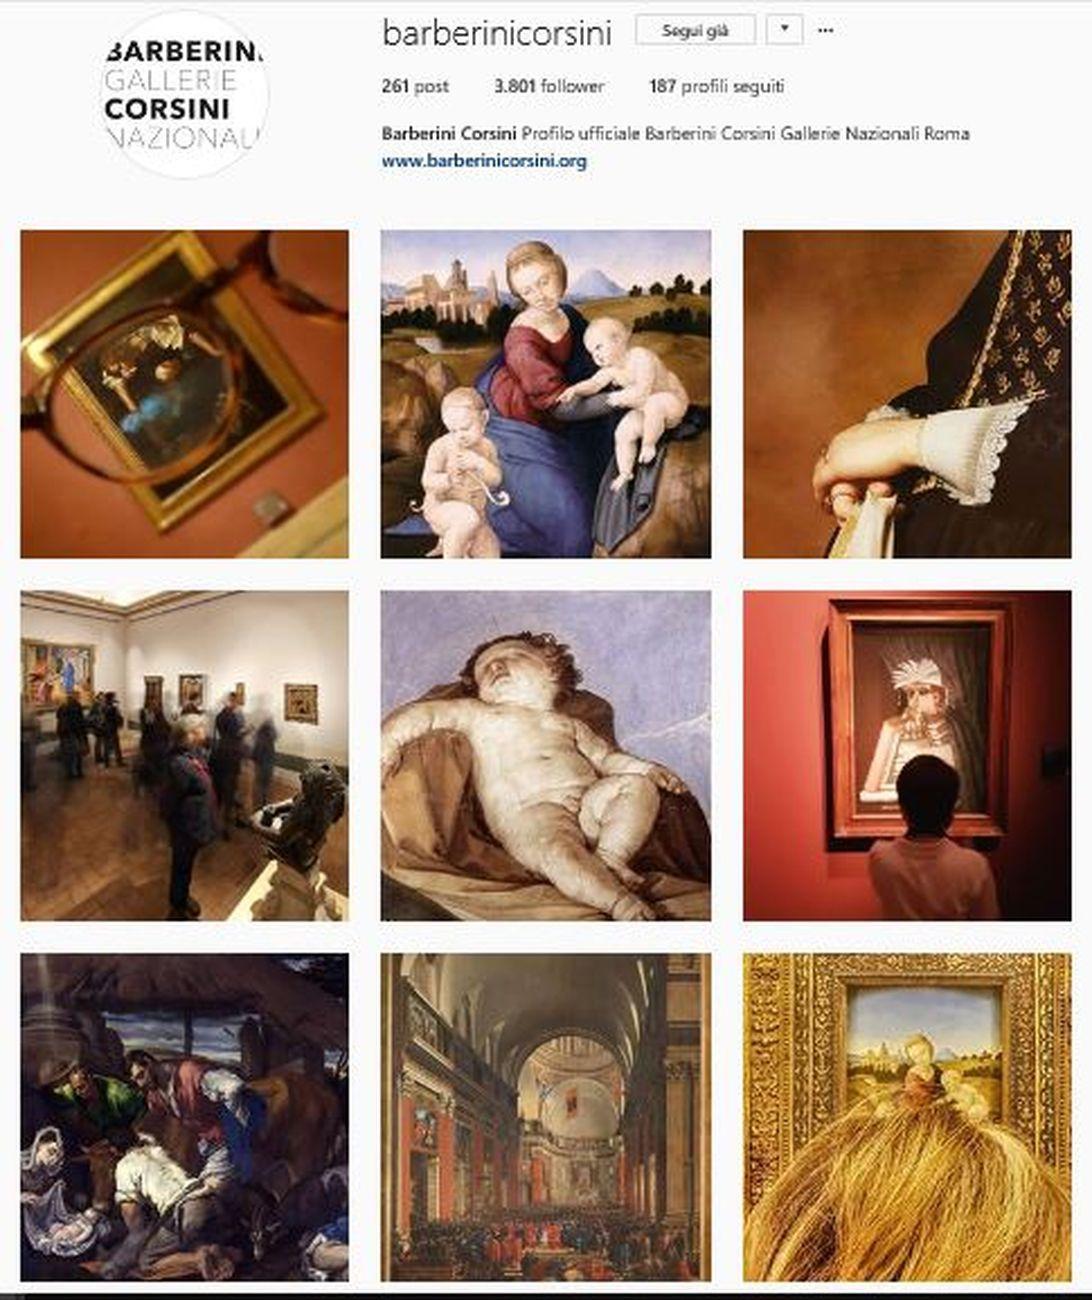 Il sito Internet delle Gallerie Nazionali di Arte Antica di Roma Palazzo Barberini e Galleria Corsini